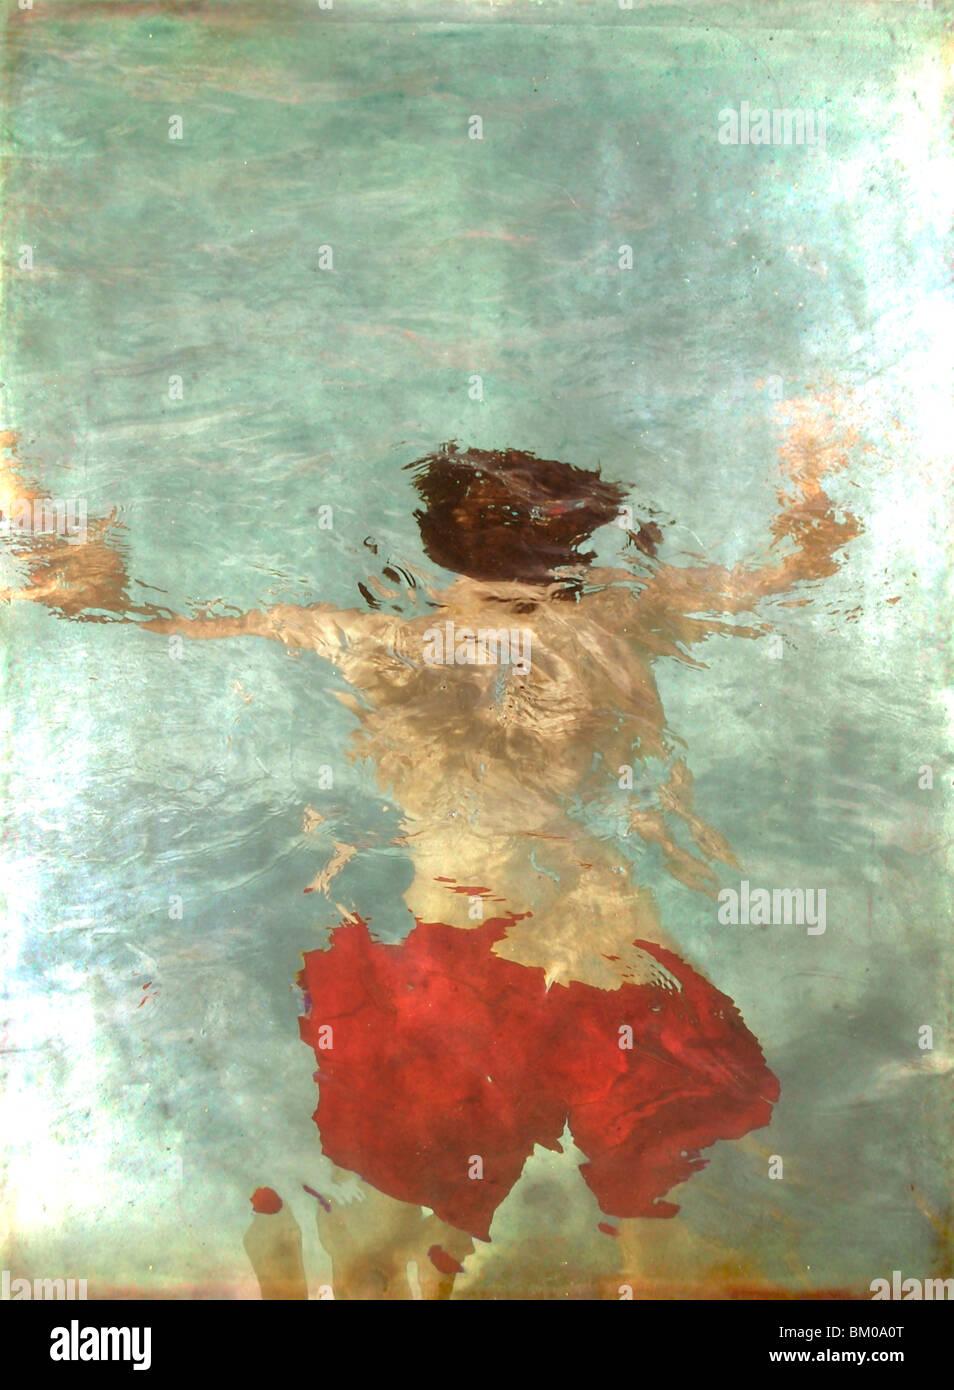 Un adolescente floating a faccia in giù in una piscina di indossare pantaloncini rossi Immagini Stock